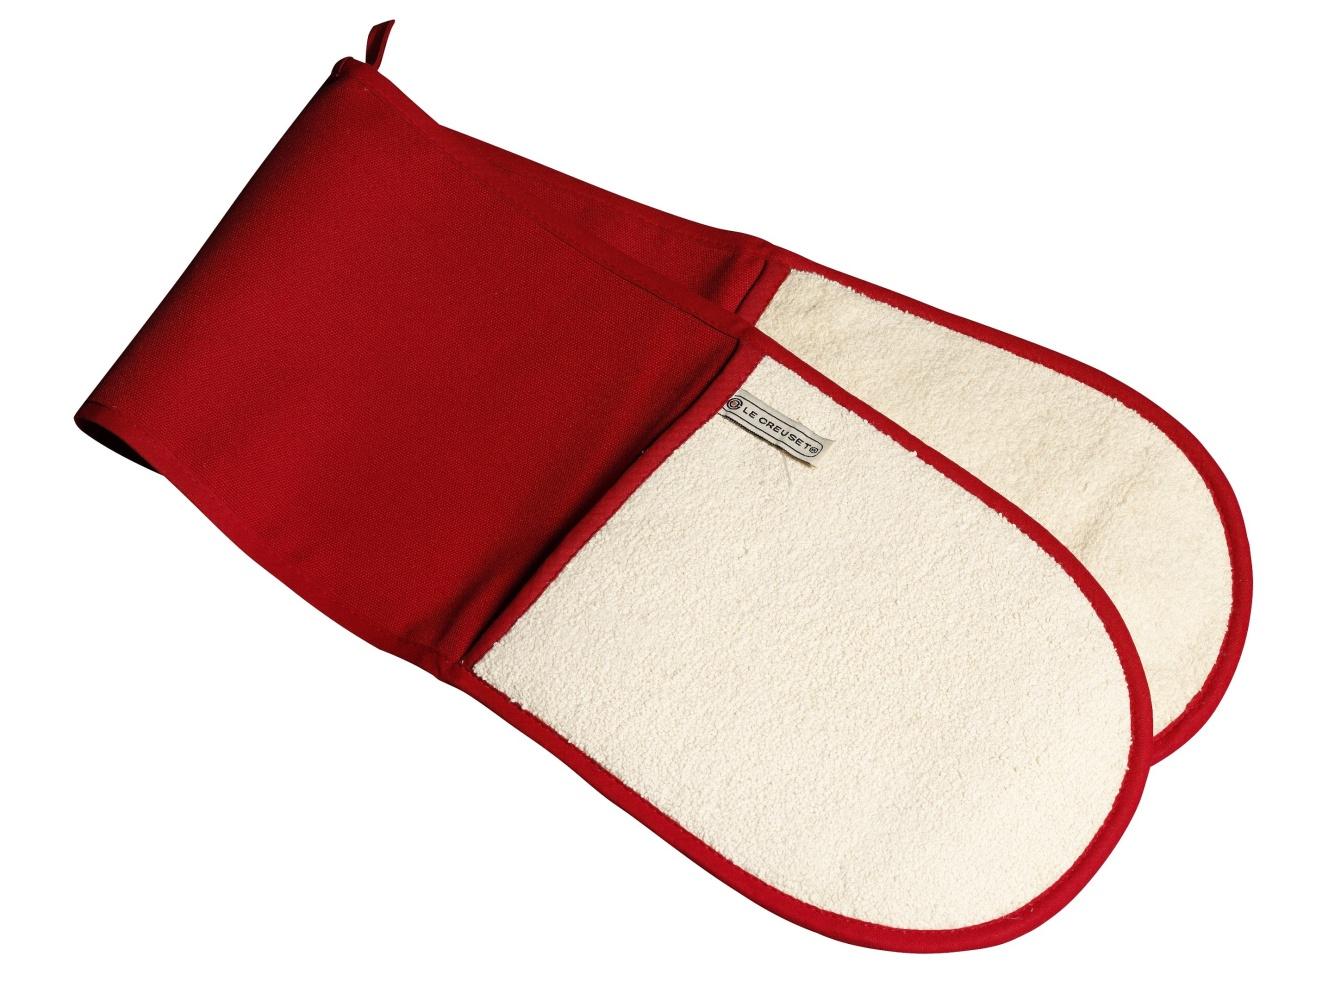 Doppelhandschuh Rot Textilien Le Creuset